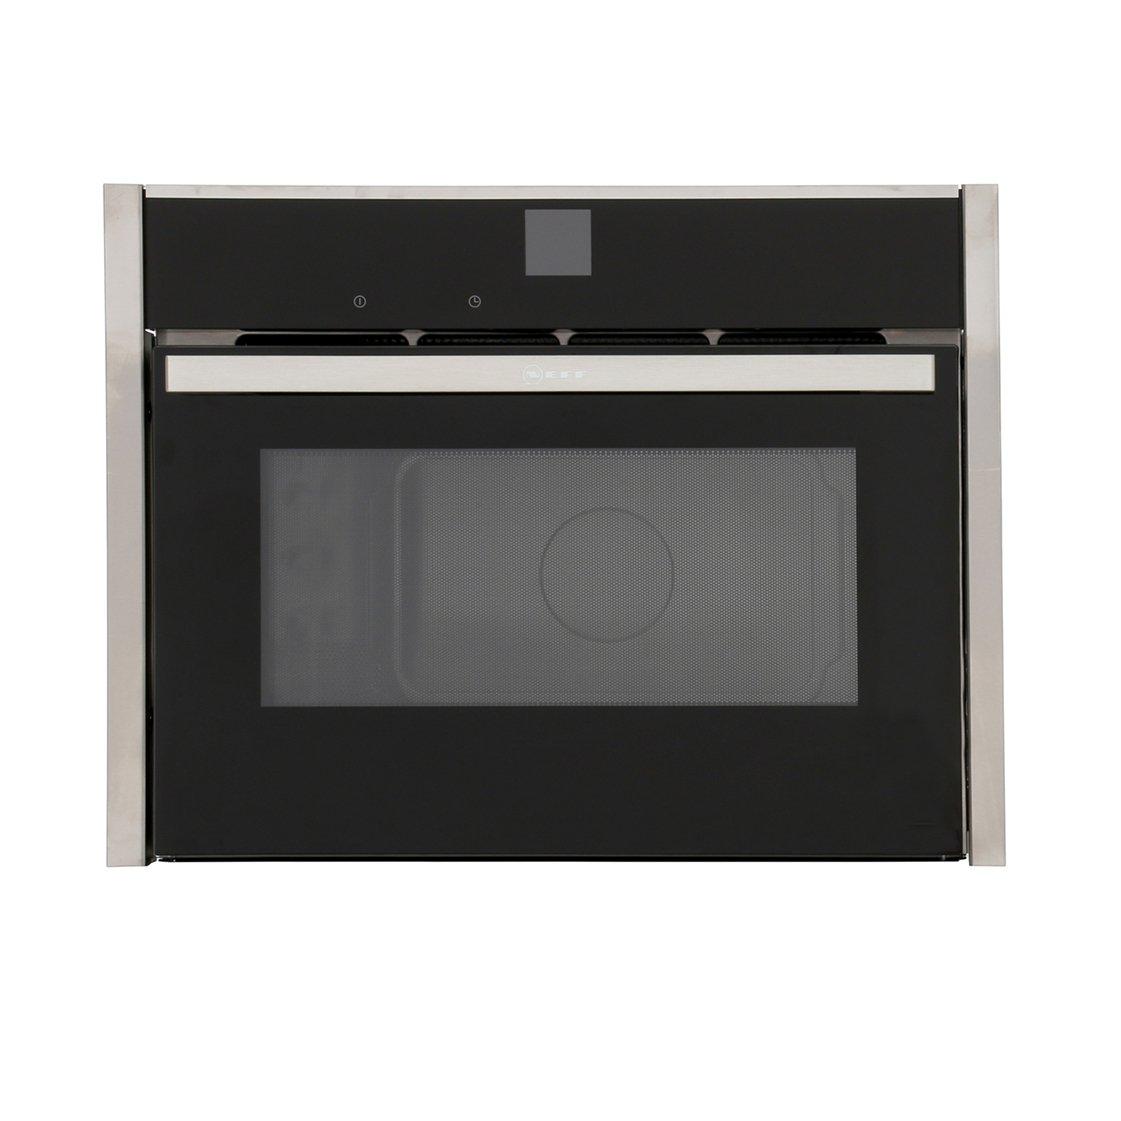 Neff N70 C17UR02N0B Built In Microwave